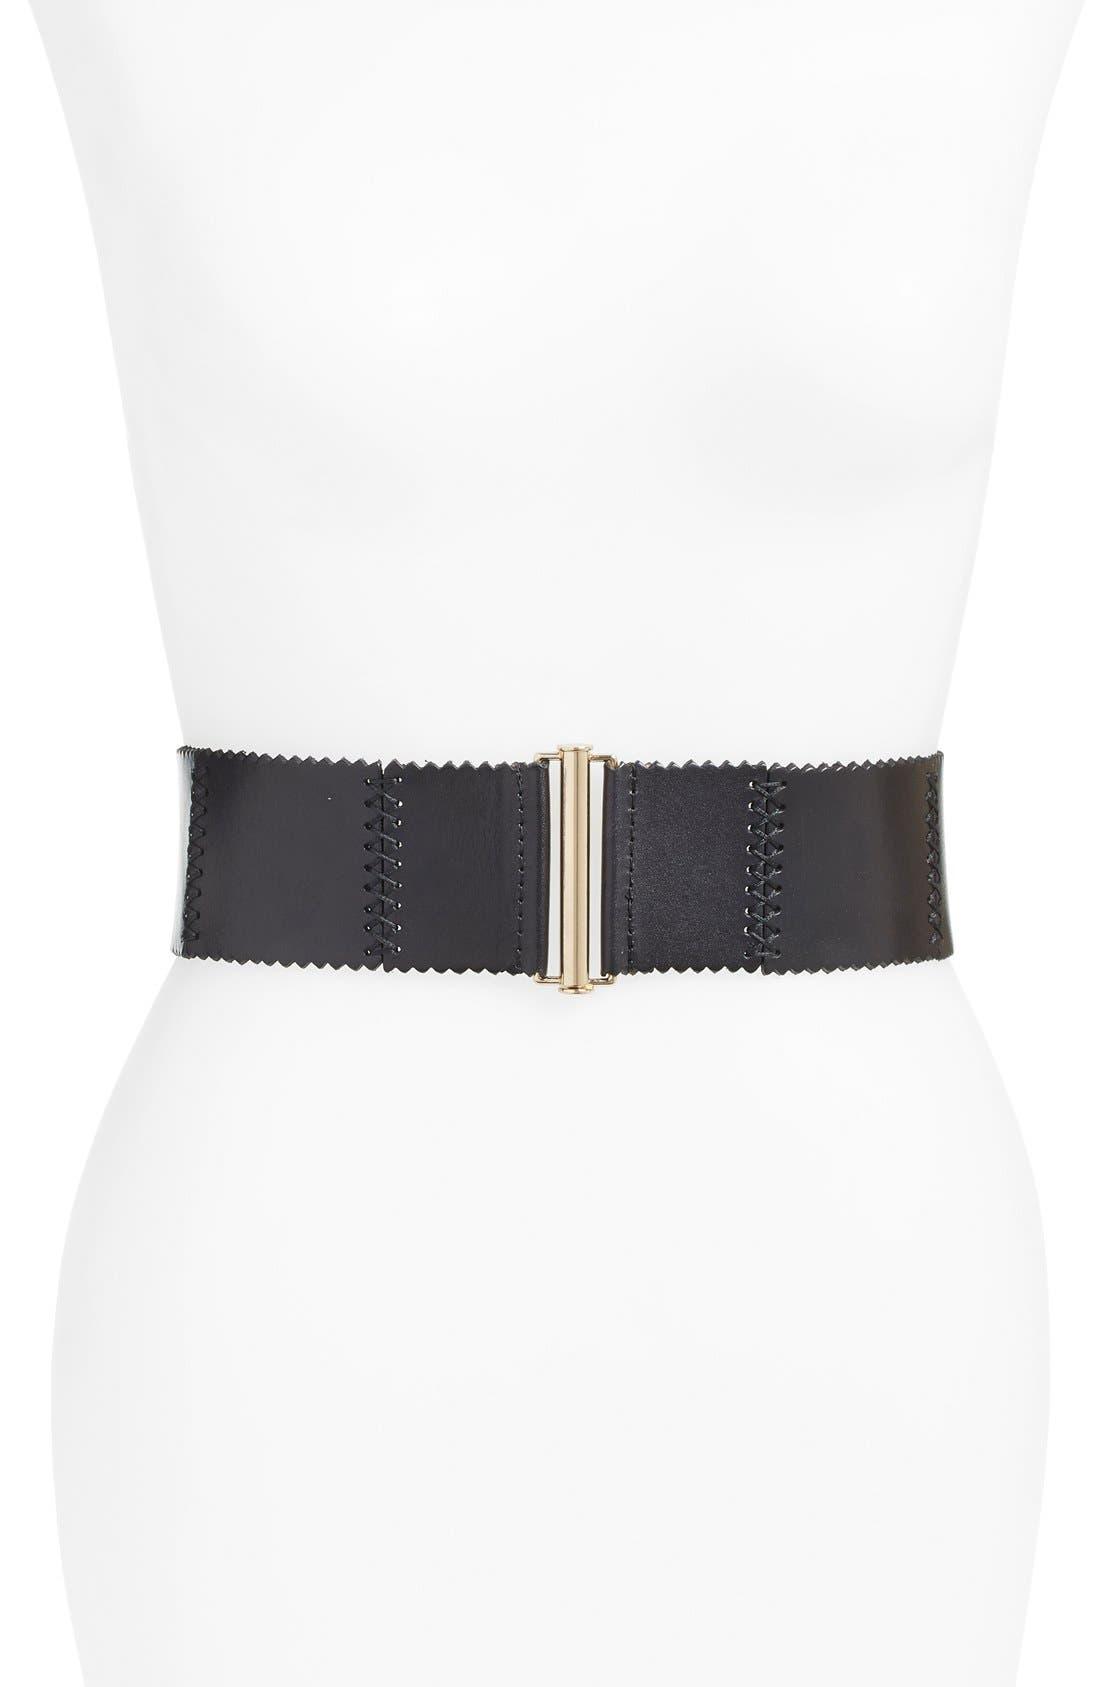 Elise M. 'Woodland' Stitched Leather Belt